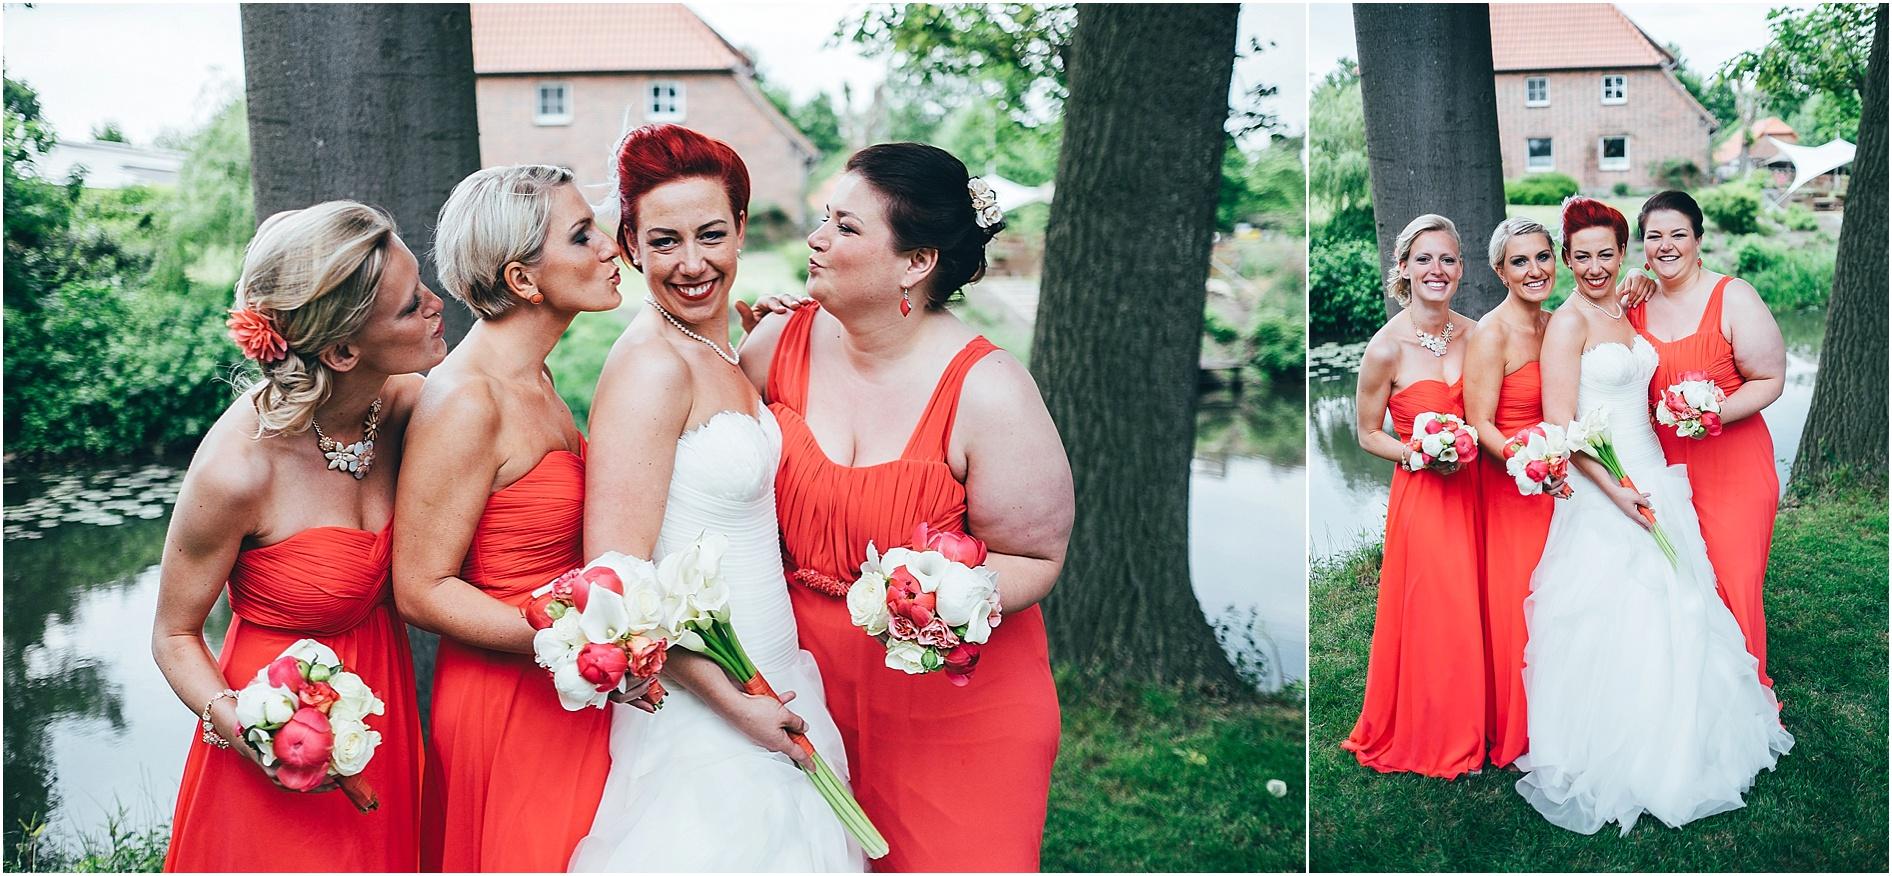 2015-10-27_0078 Tine & Chrischan - Hochzeitsfilm & Fotos in Lüneburg